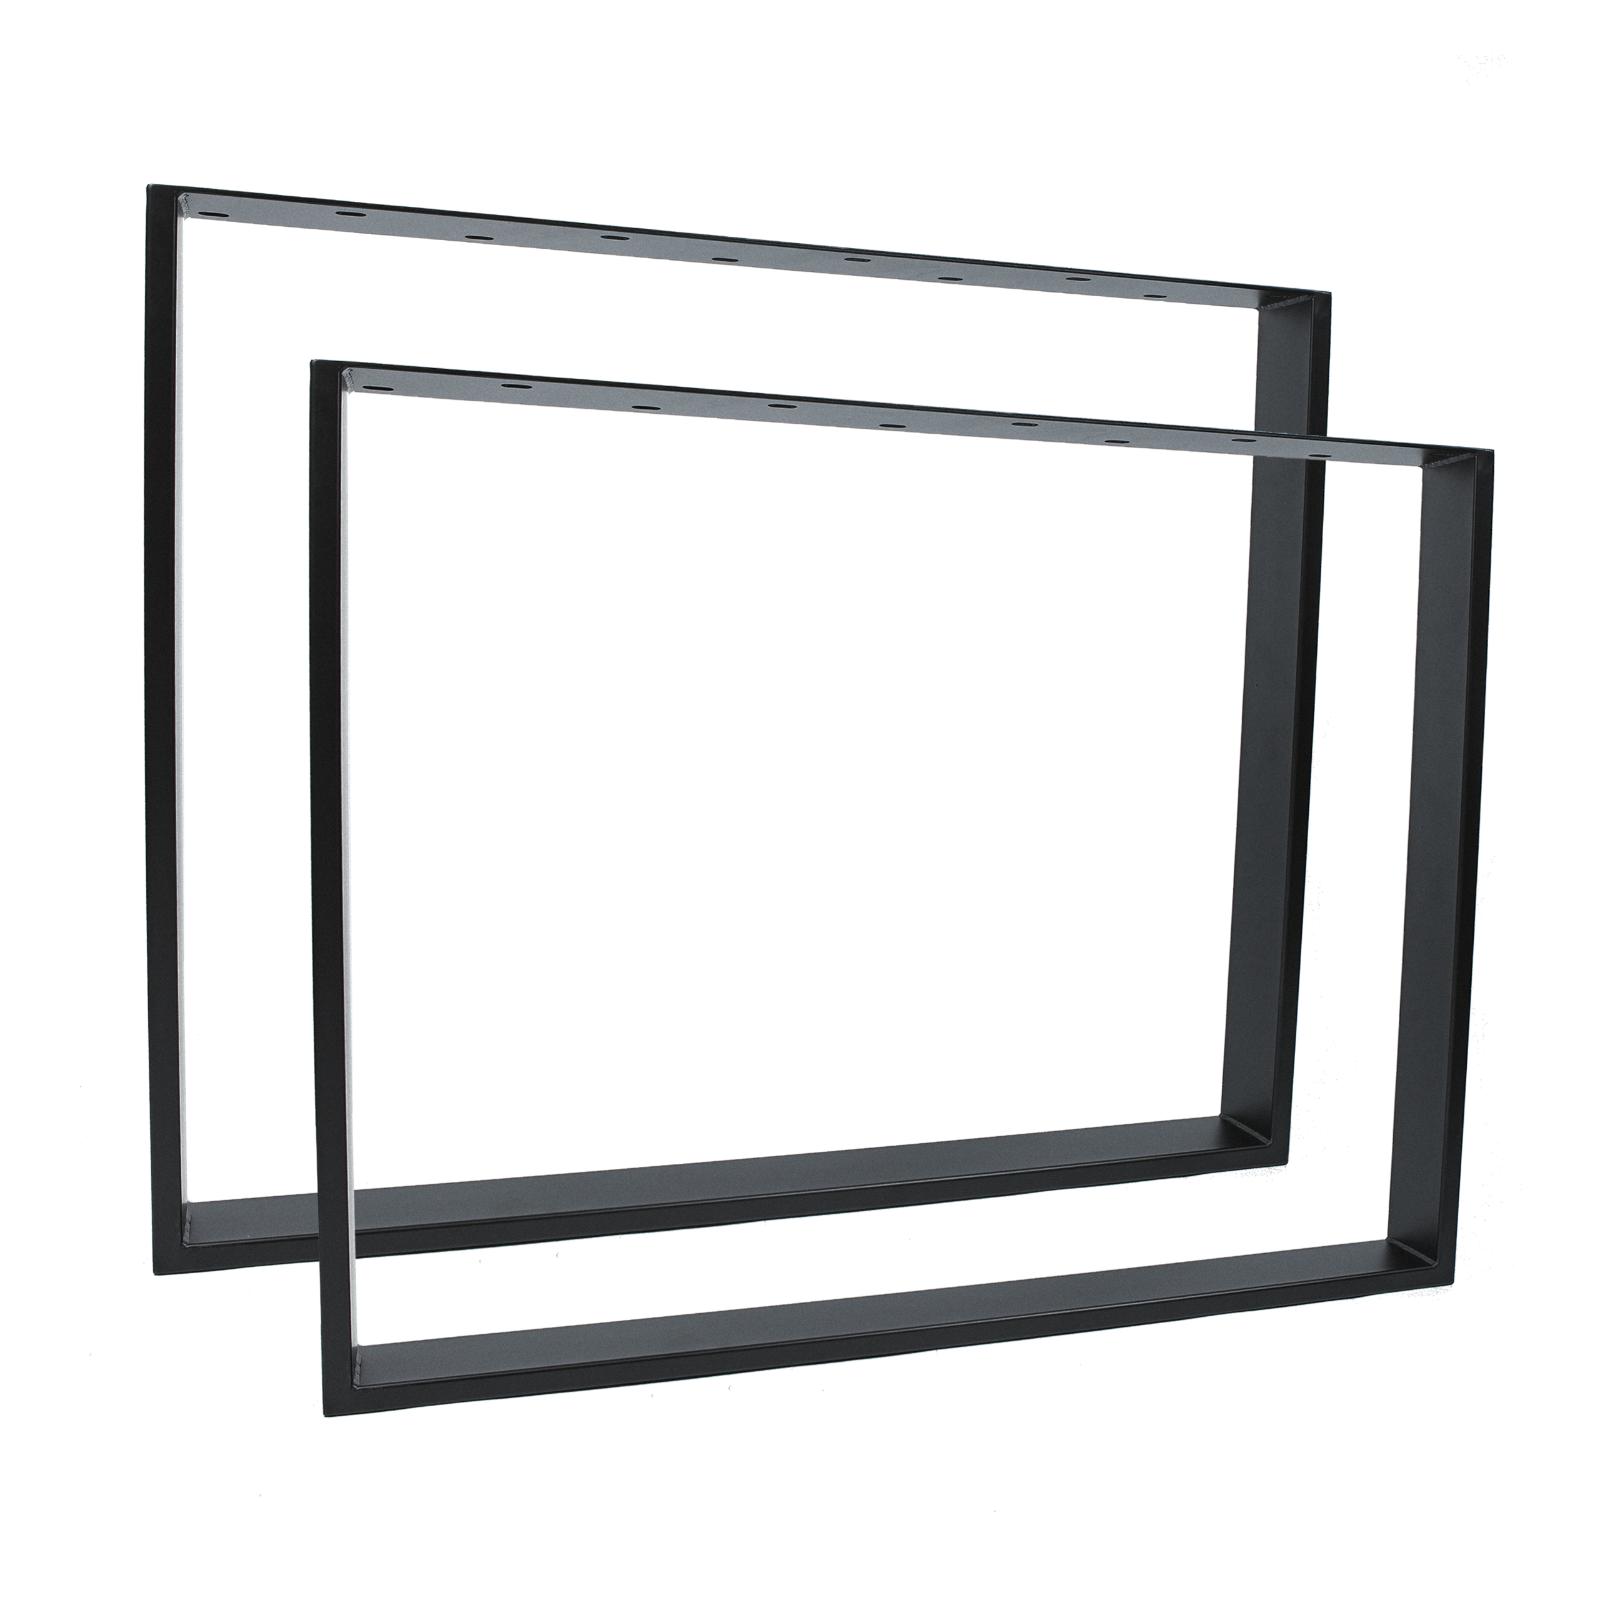 Design Tischkufen Tischgestell Tischbeine Tischkufe Tischuntergestell schwarz